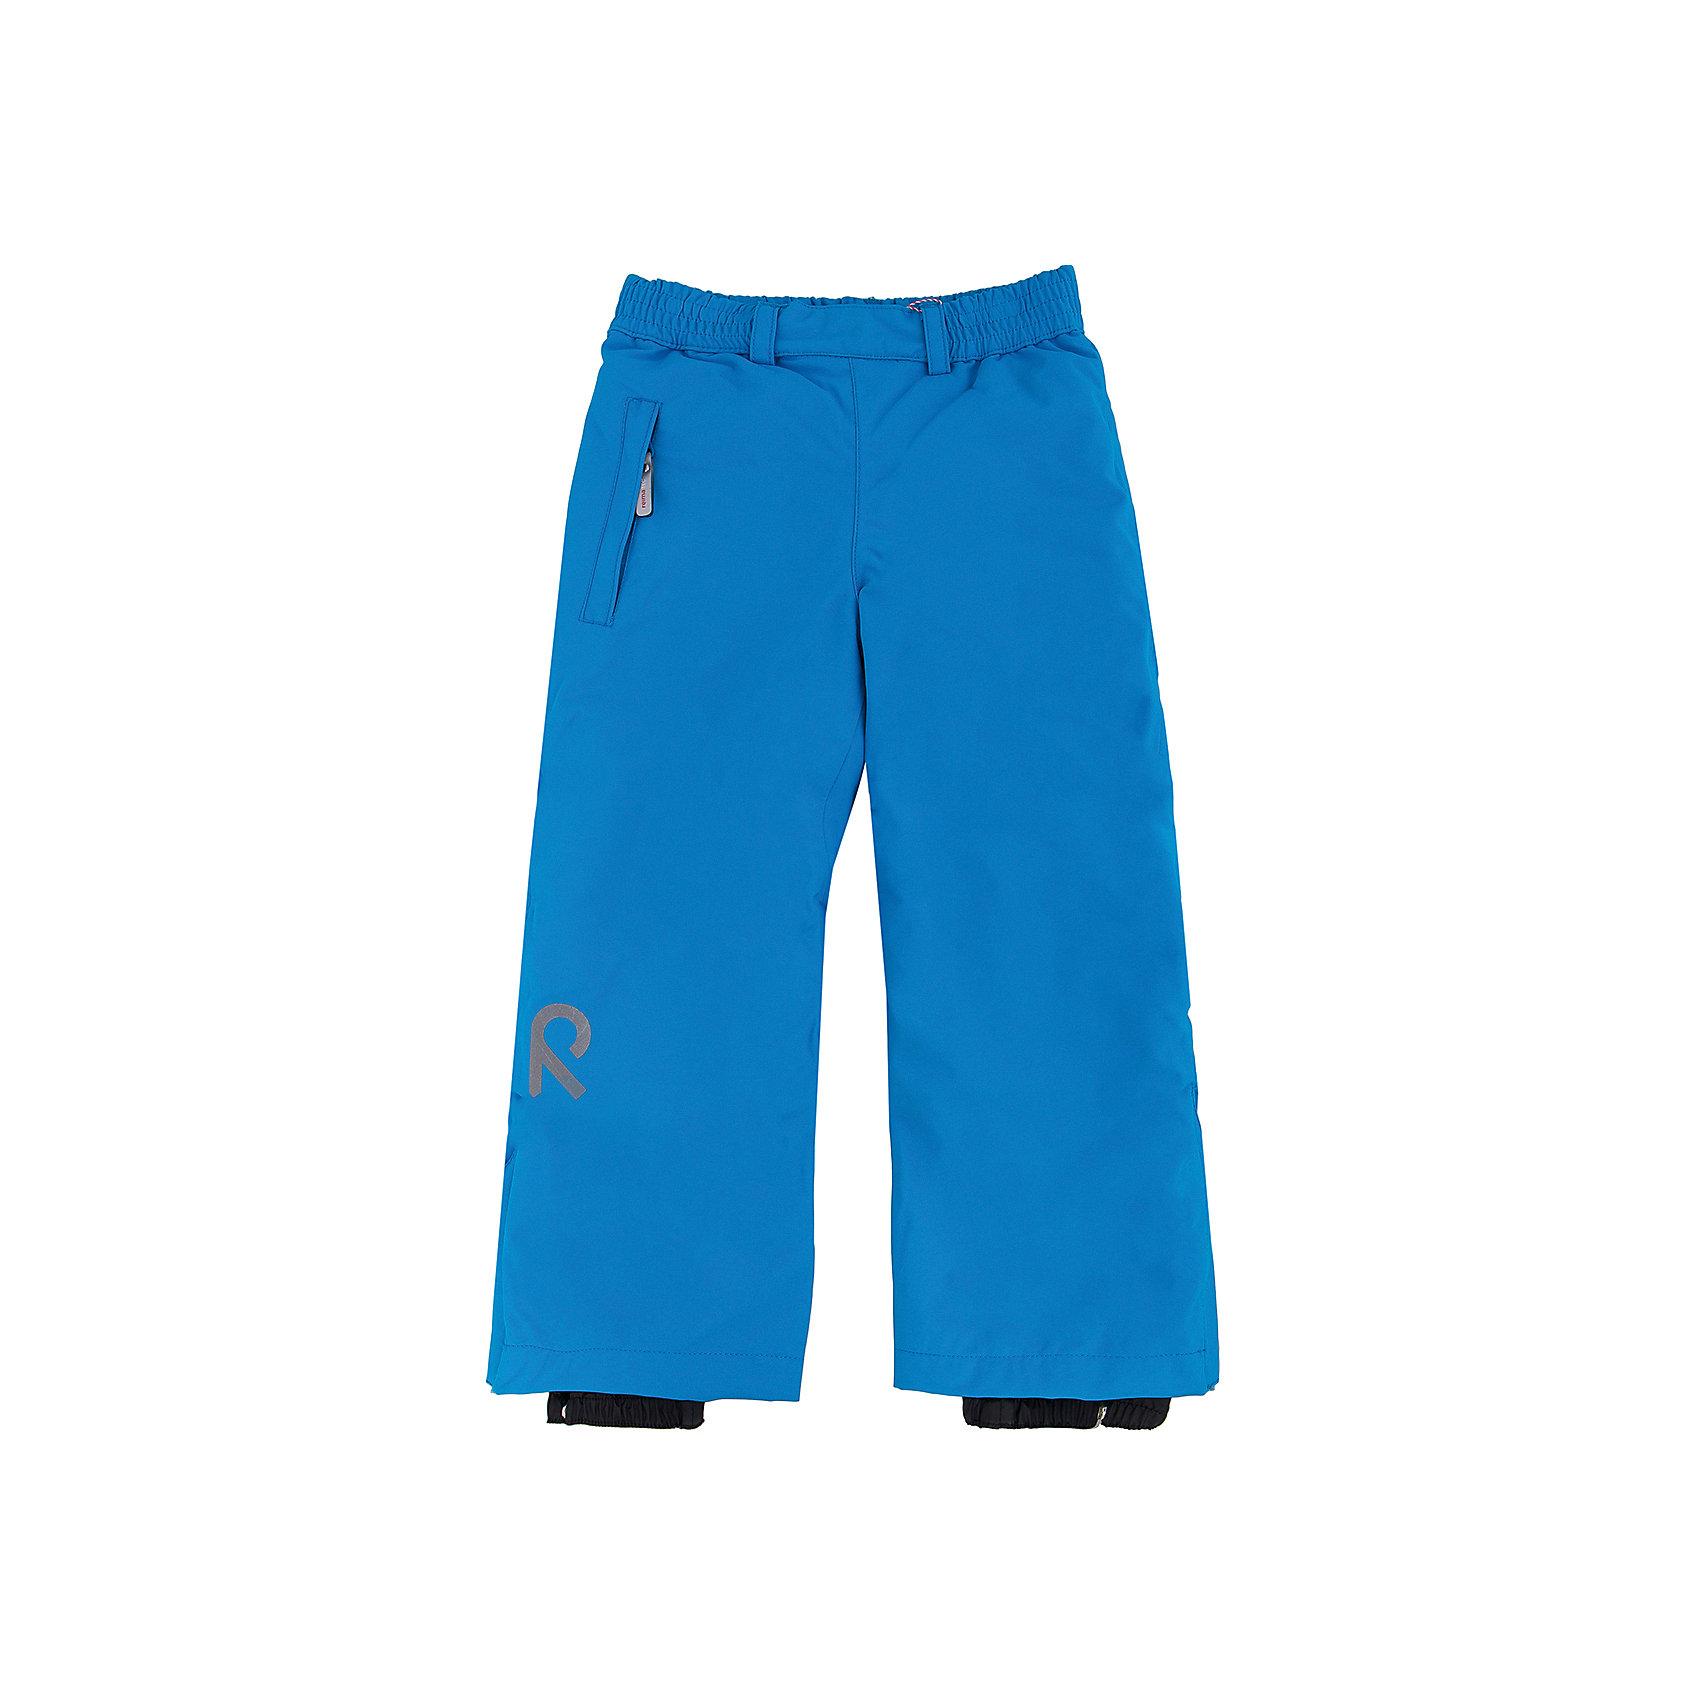 Брюки Reimatec ReimaБрюки Reima (Рейма), голубой от известного финского производителя детской одежды Reima. Зимние брюки выполнены из полиамида с полиуретановым покрытием, обладают высокой износоустойчивостью, воздухопроницаемыми, ветрозащитными, водооталкивающими и грязеотталкивающими свойствами. Изделие устойчиво к изменению формы и цвета даже при длительном использовании. Силуэт изделия имеет классическую форму: прямые брюки с высокой посадкой, регулируемый по ширине пояс делают изделие особо комфортным для активного отдыха и прогулок.  С правого бока имеется втачной карман  на молнии. У брюк все швы проклеенные, снизу брючин предусмотрена регулировка по ширине и блокировка на кнопках от попадания снега. Зимние брюки от Reima  можно носить при температуре до - 20 градусов.    <br><br>Дополнительная информация:<br><br>- Предназначение: повседневная одежда для прогулок и активного отдыха<br>- Цвет: голубой<br>- Пол: для девочки/для мальчика<br>- Состав: 100% полиамид, полиуретановое покрытие<br>- Сезон: зима<br>- Особенности ухода: стирать изделие, предварительно вывернув его на левую сторону, не использовать отбеливающие вещества<br><br>Подробнее:<br><br>• Для детей в возрасте: от 4 лет и до 5 лет<br>• Страна производитель: Китай<br>• Торговый бренд: Reima, Финляндия<br><br>Брюки Reima (Рейма), голубой можно купить в нашем интернет-магазине.<br><br>Ширина мм: 215<br>Глубина мм: 88<br>Высота мм: 191<br>Вес г: 336<br>Цвет: голубой<br>Возраст от месяцев: 48<br>Возраст до месяцев: 60<br>Пол: Унисекс<br>Возраст: Детский<br>Размер: 110,116,128,140,134,122<br>SKU: 4653858